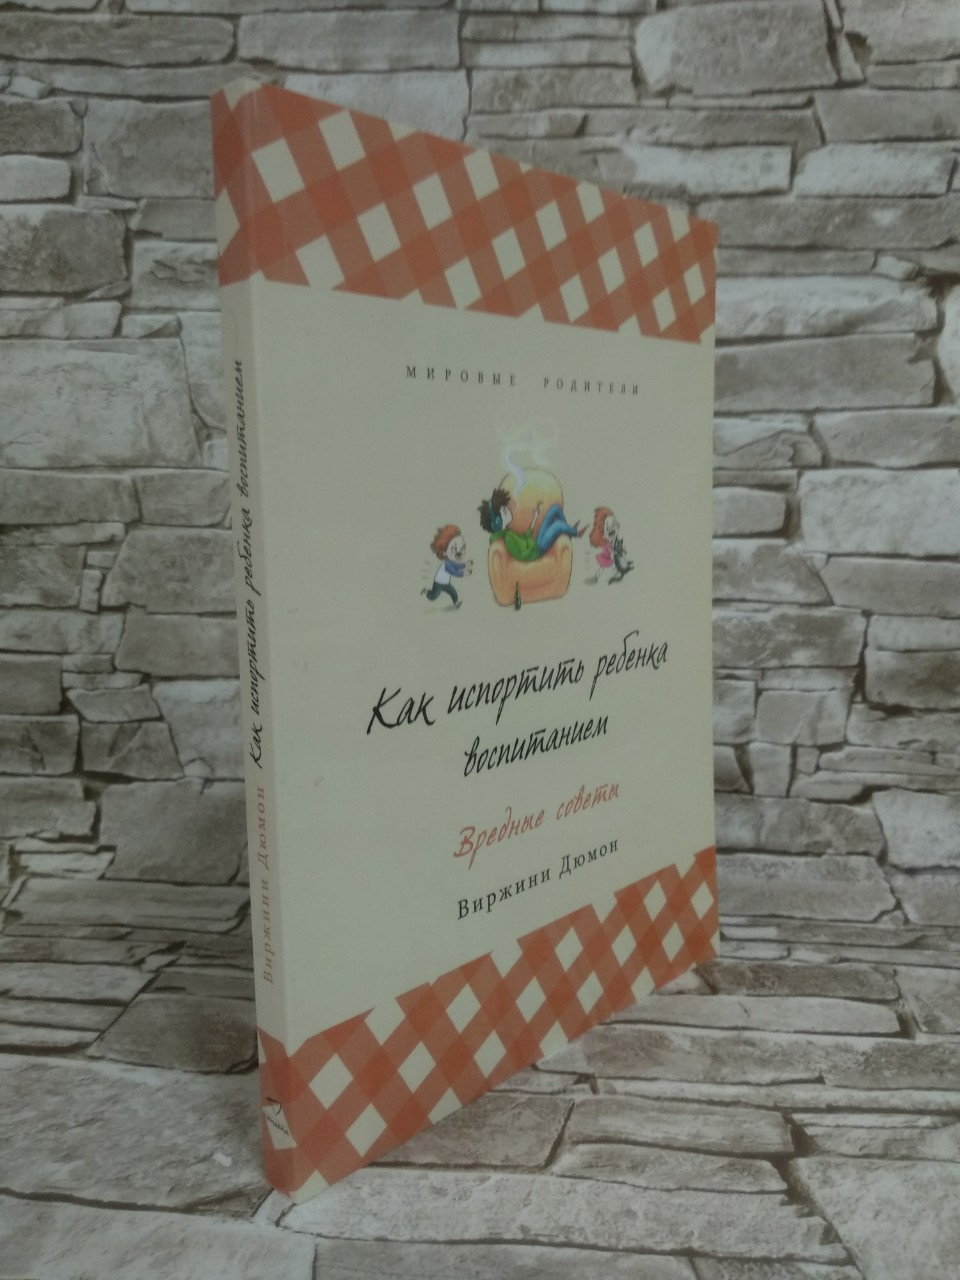 """Книга """"Как испортить ребенка воспитанием. Вредные советы""""  Виржини Дюмон"""